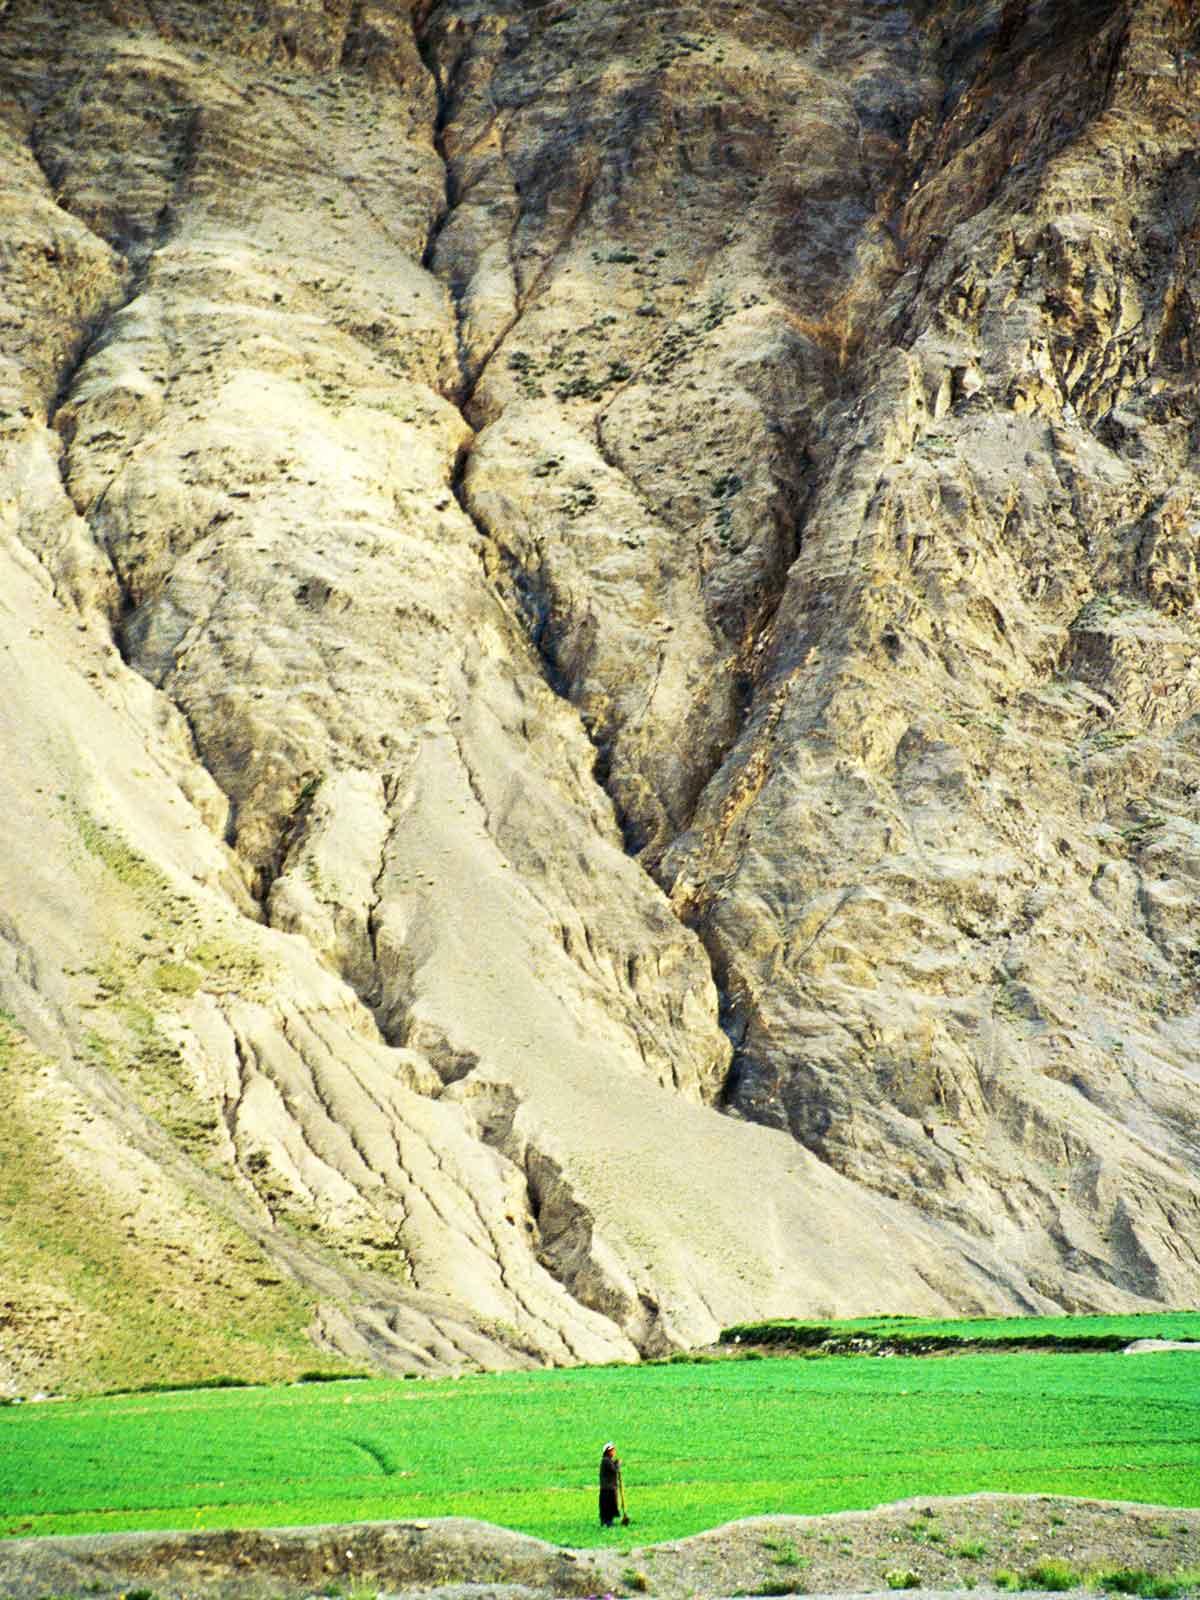 Tibetan farmer | Xigazê Tibet | Mount Everest Photo Journal | Steven Andrew Martin